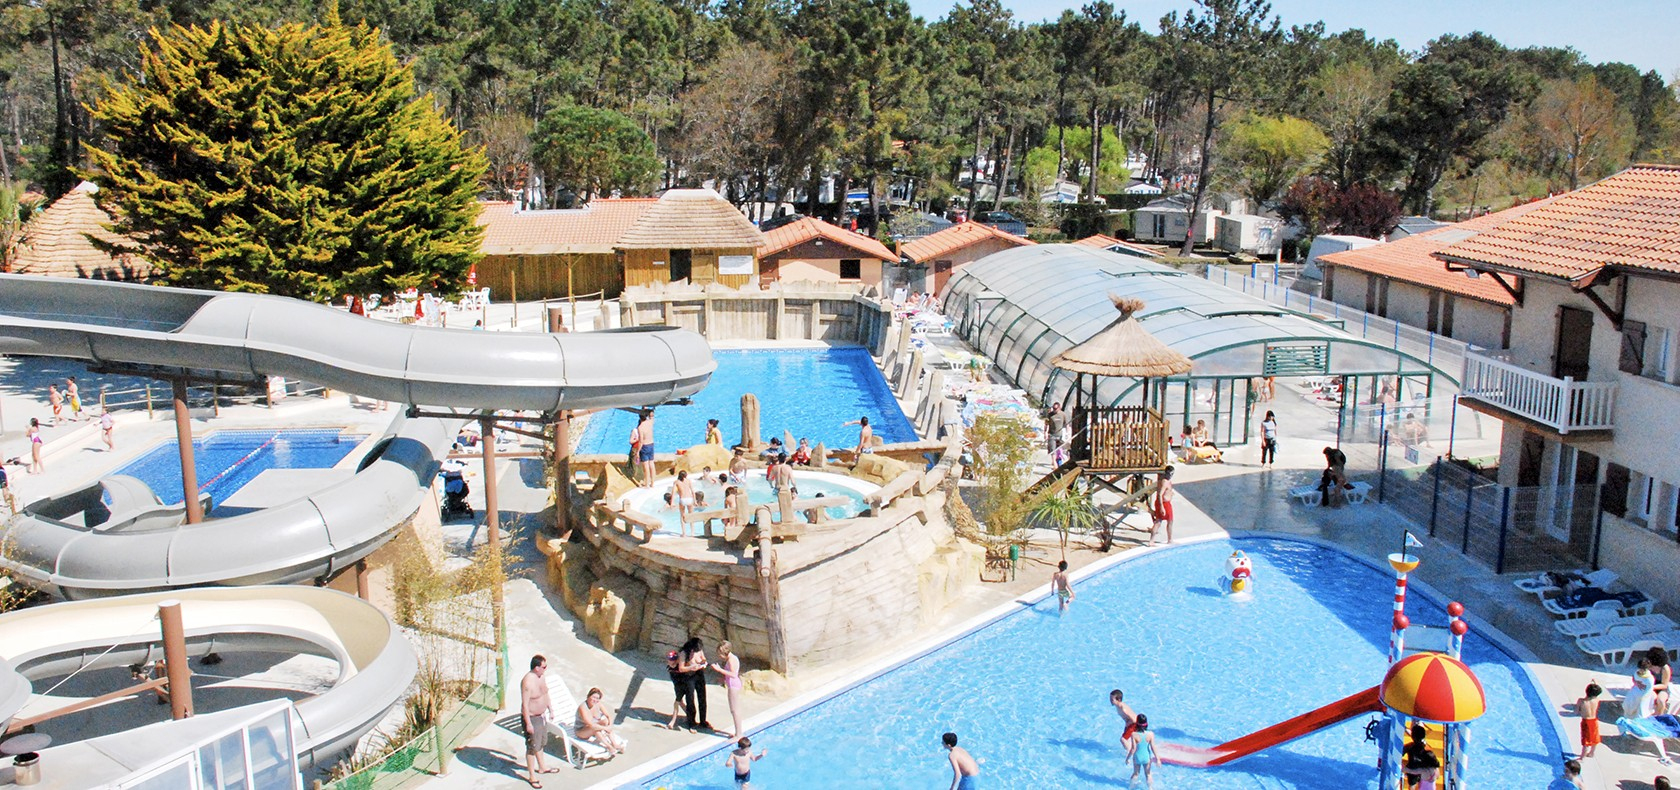 Camping landes avec piscine Camping avec piscine dans les landes